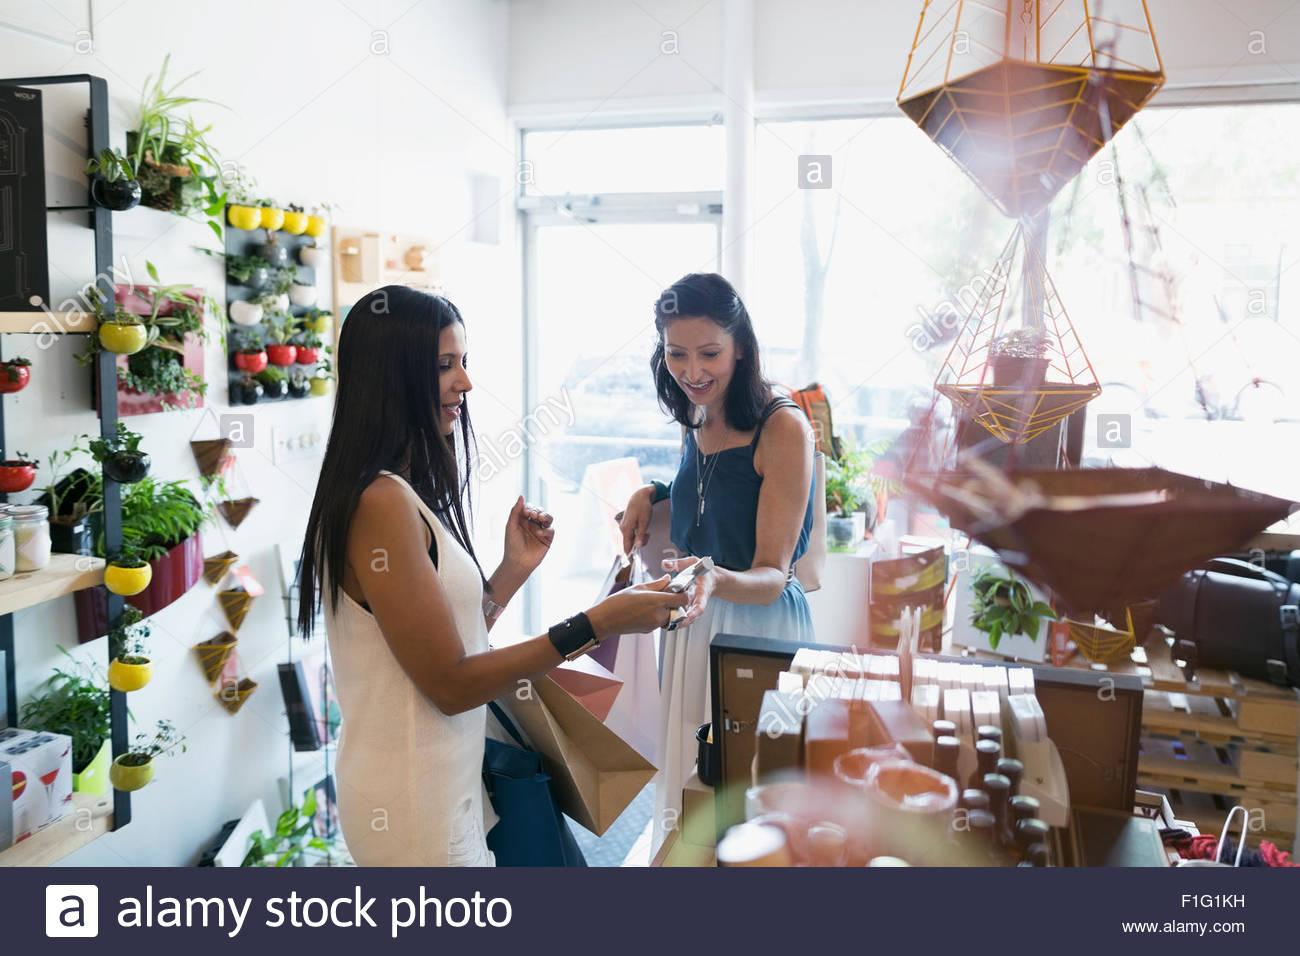 Frauen im Haushaltswaren Shop einkaufen Stockbild